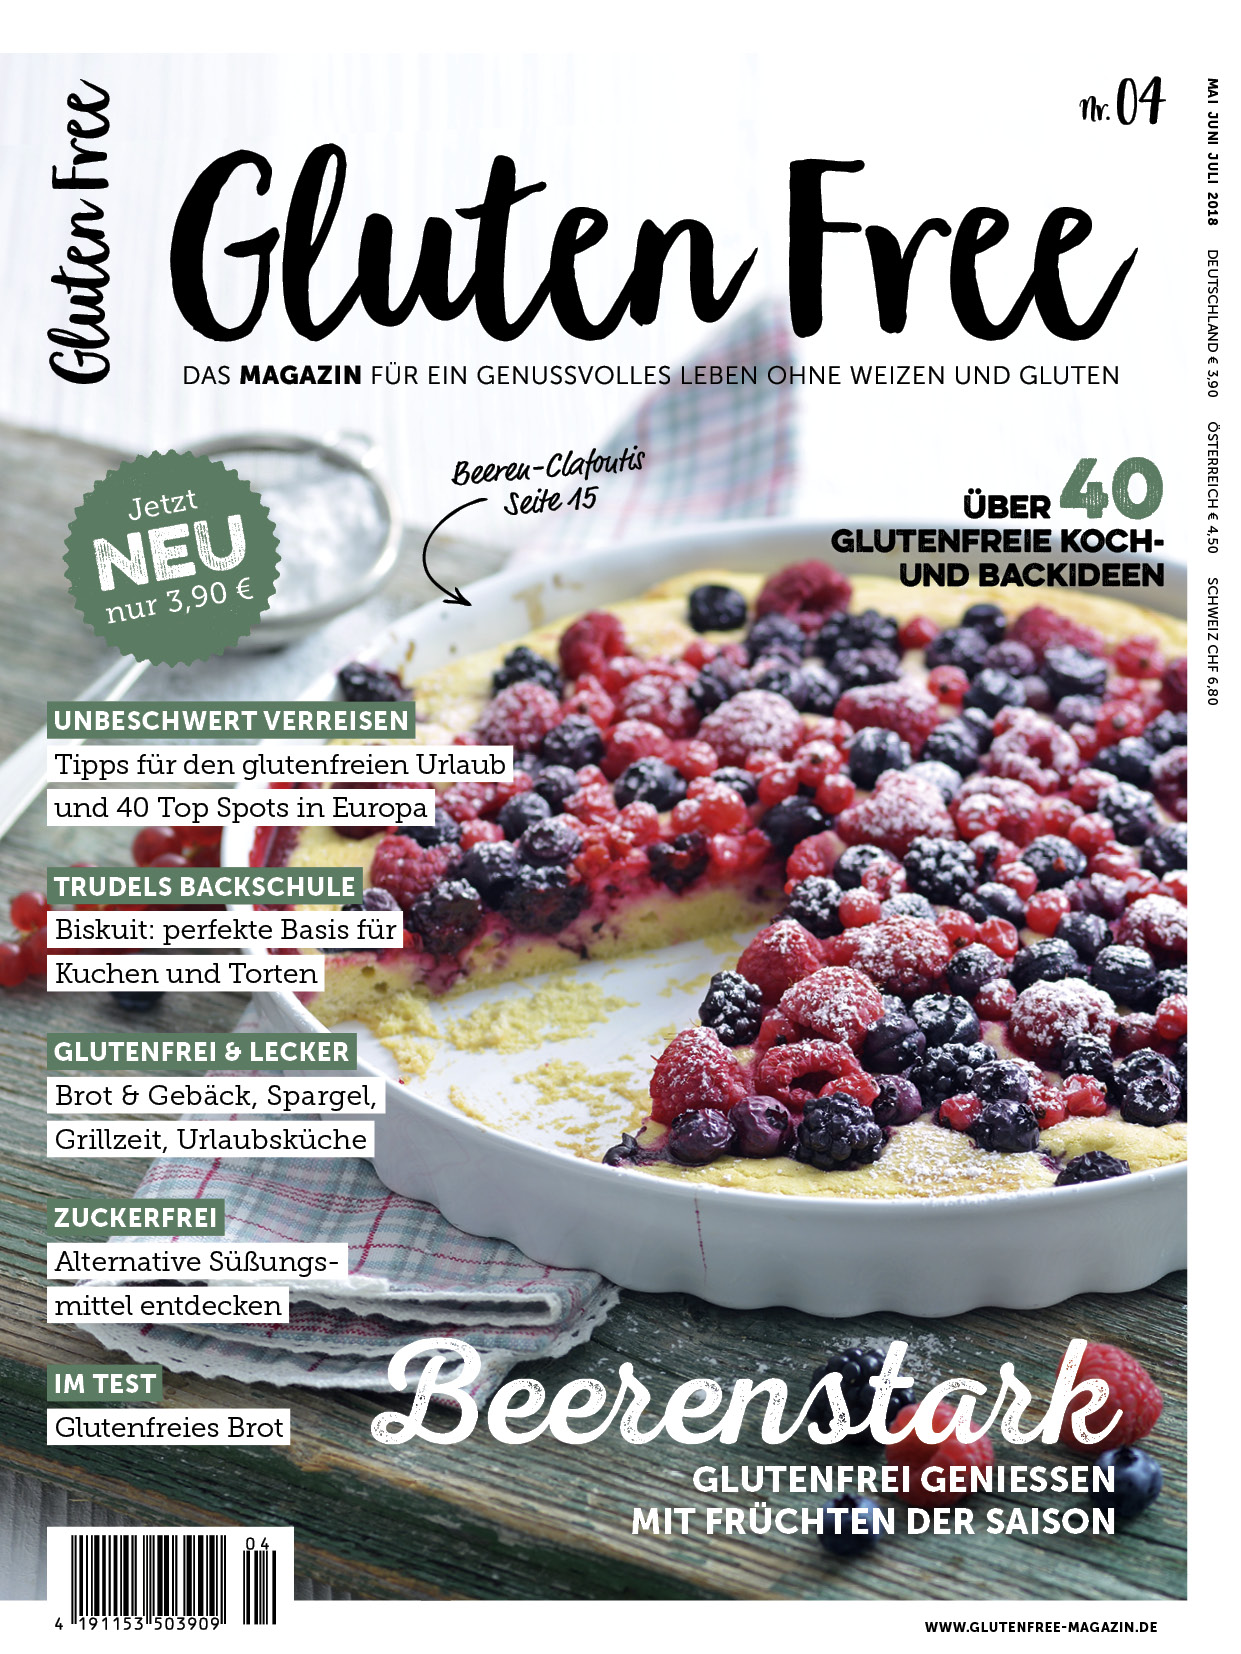 Brotkästen Ordnung & Aufbewahrung Hält Brot Frisch Easy To Lubricate Brot Pro Torhüter